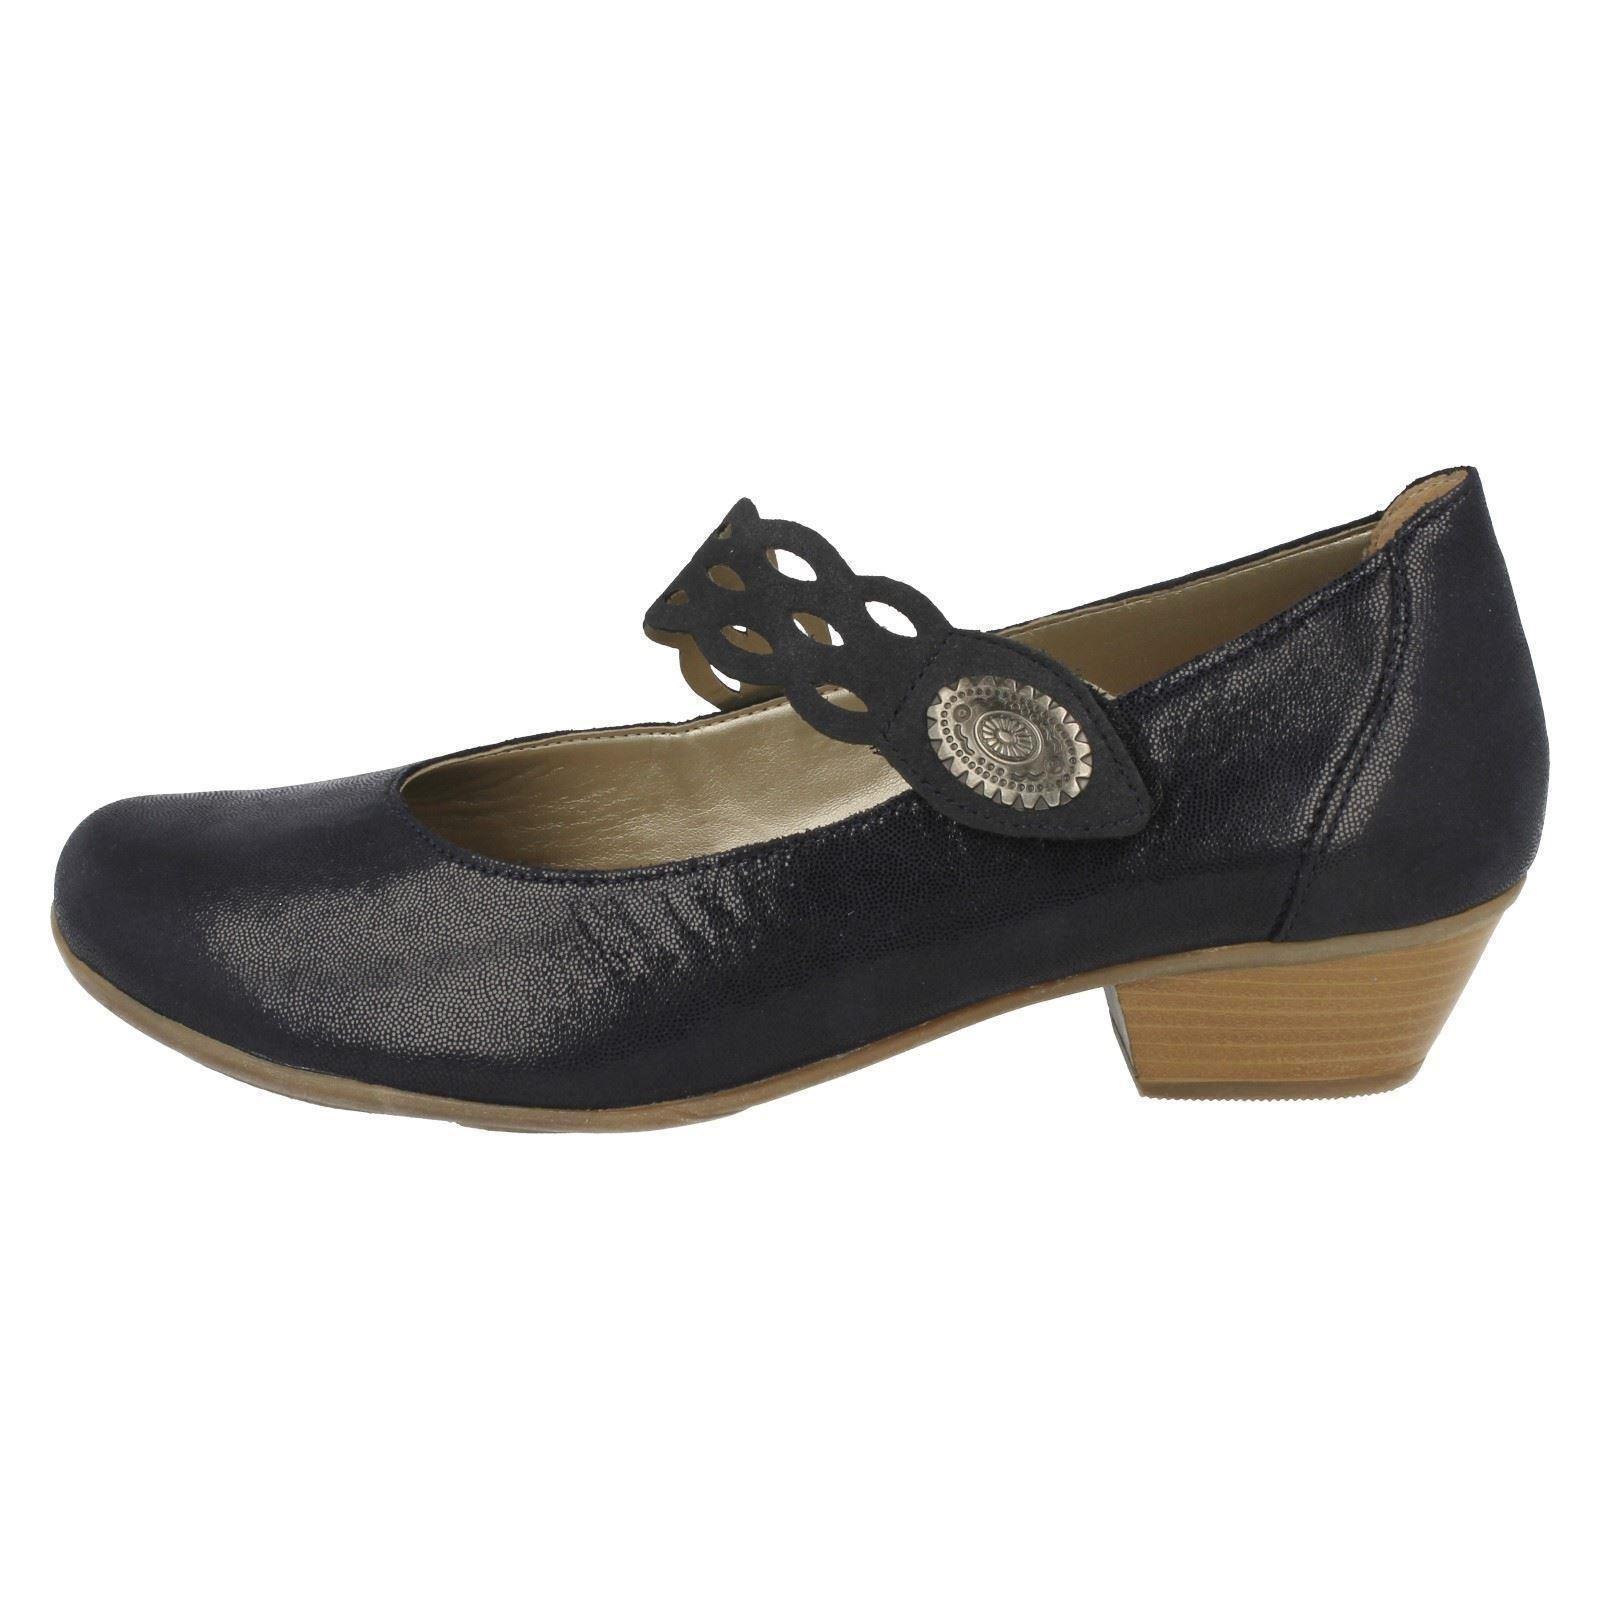 zapatos  señoras REMONTE REMONTE señoras Inteligente D7345 c6d712